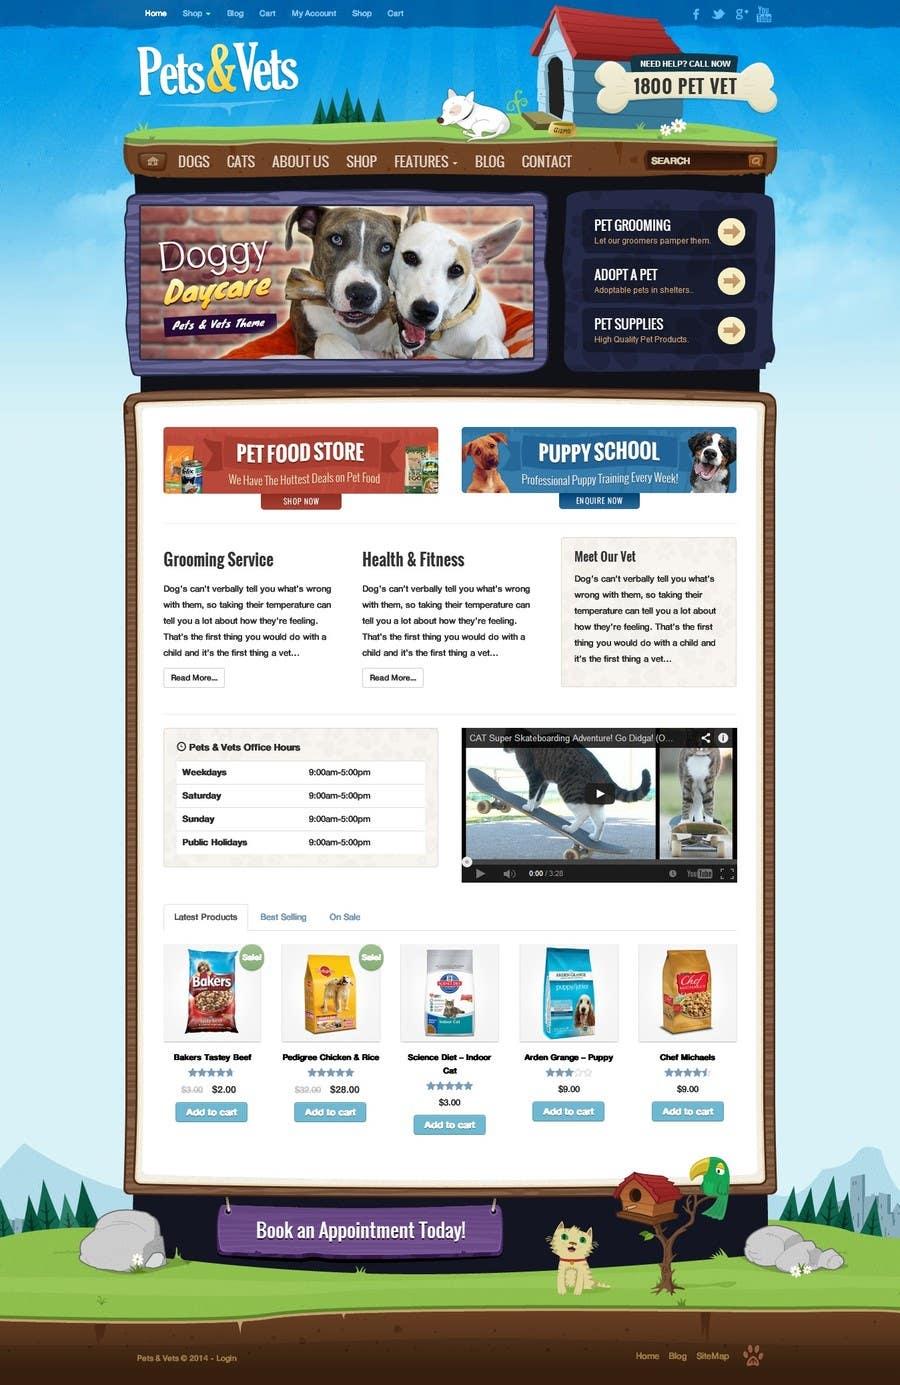 Penyertaan Peraduan #                                        15                                      untuk                                         Design a Wordpress Mockup for Pet Food Website